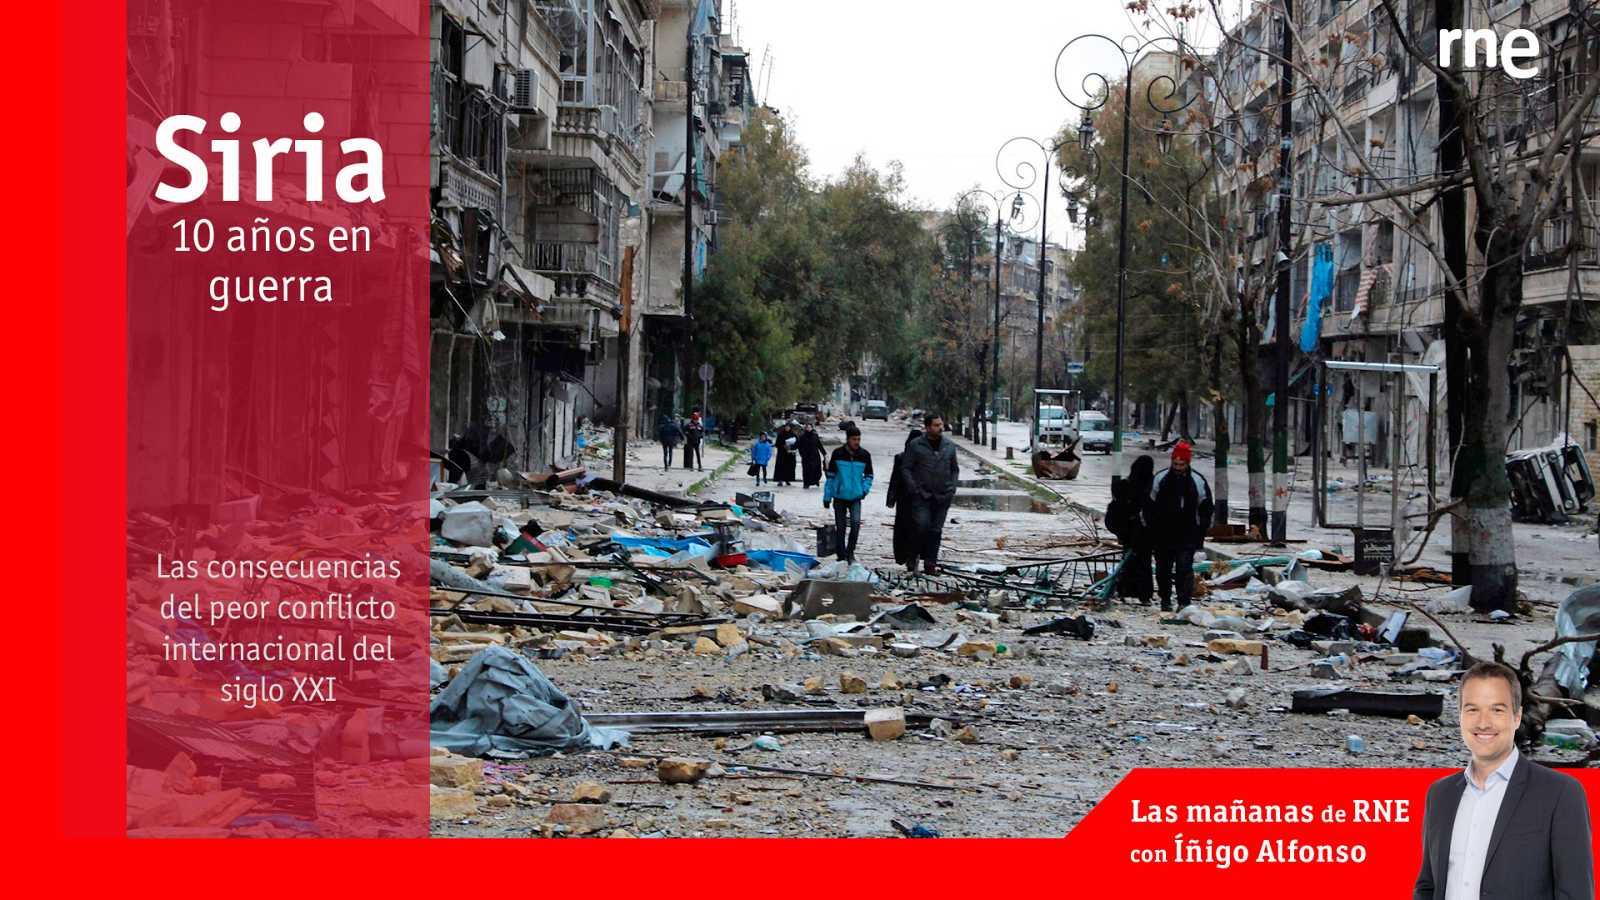 Las mañanas de RNE con Íñigo Alfonso - Siria, 10 años en guerra | Las consecuencias del peor conflicto internacional del s.XXI - Escuchar ahora